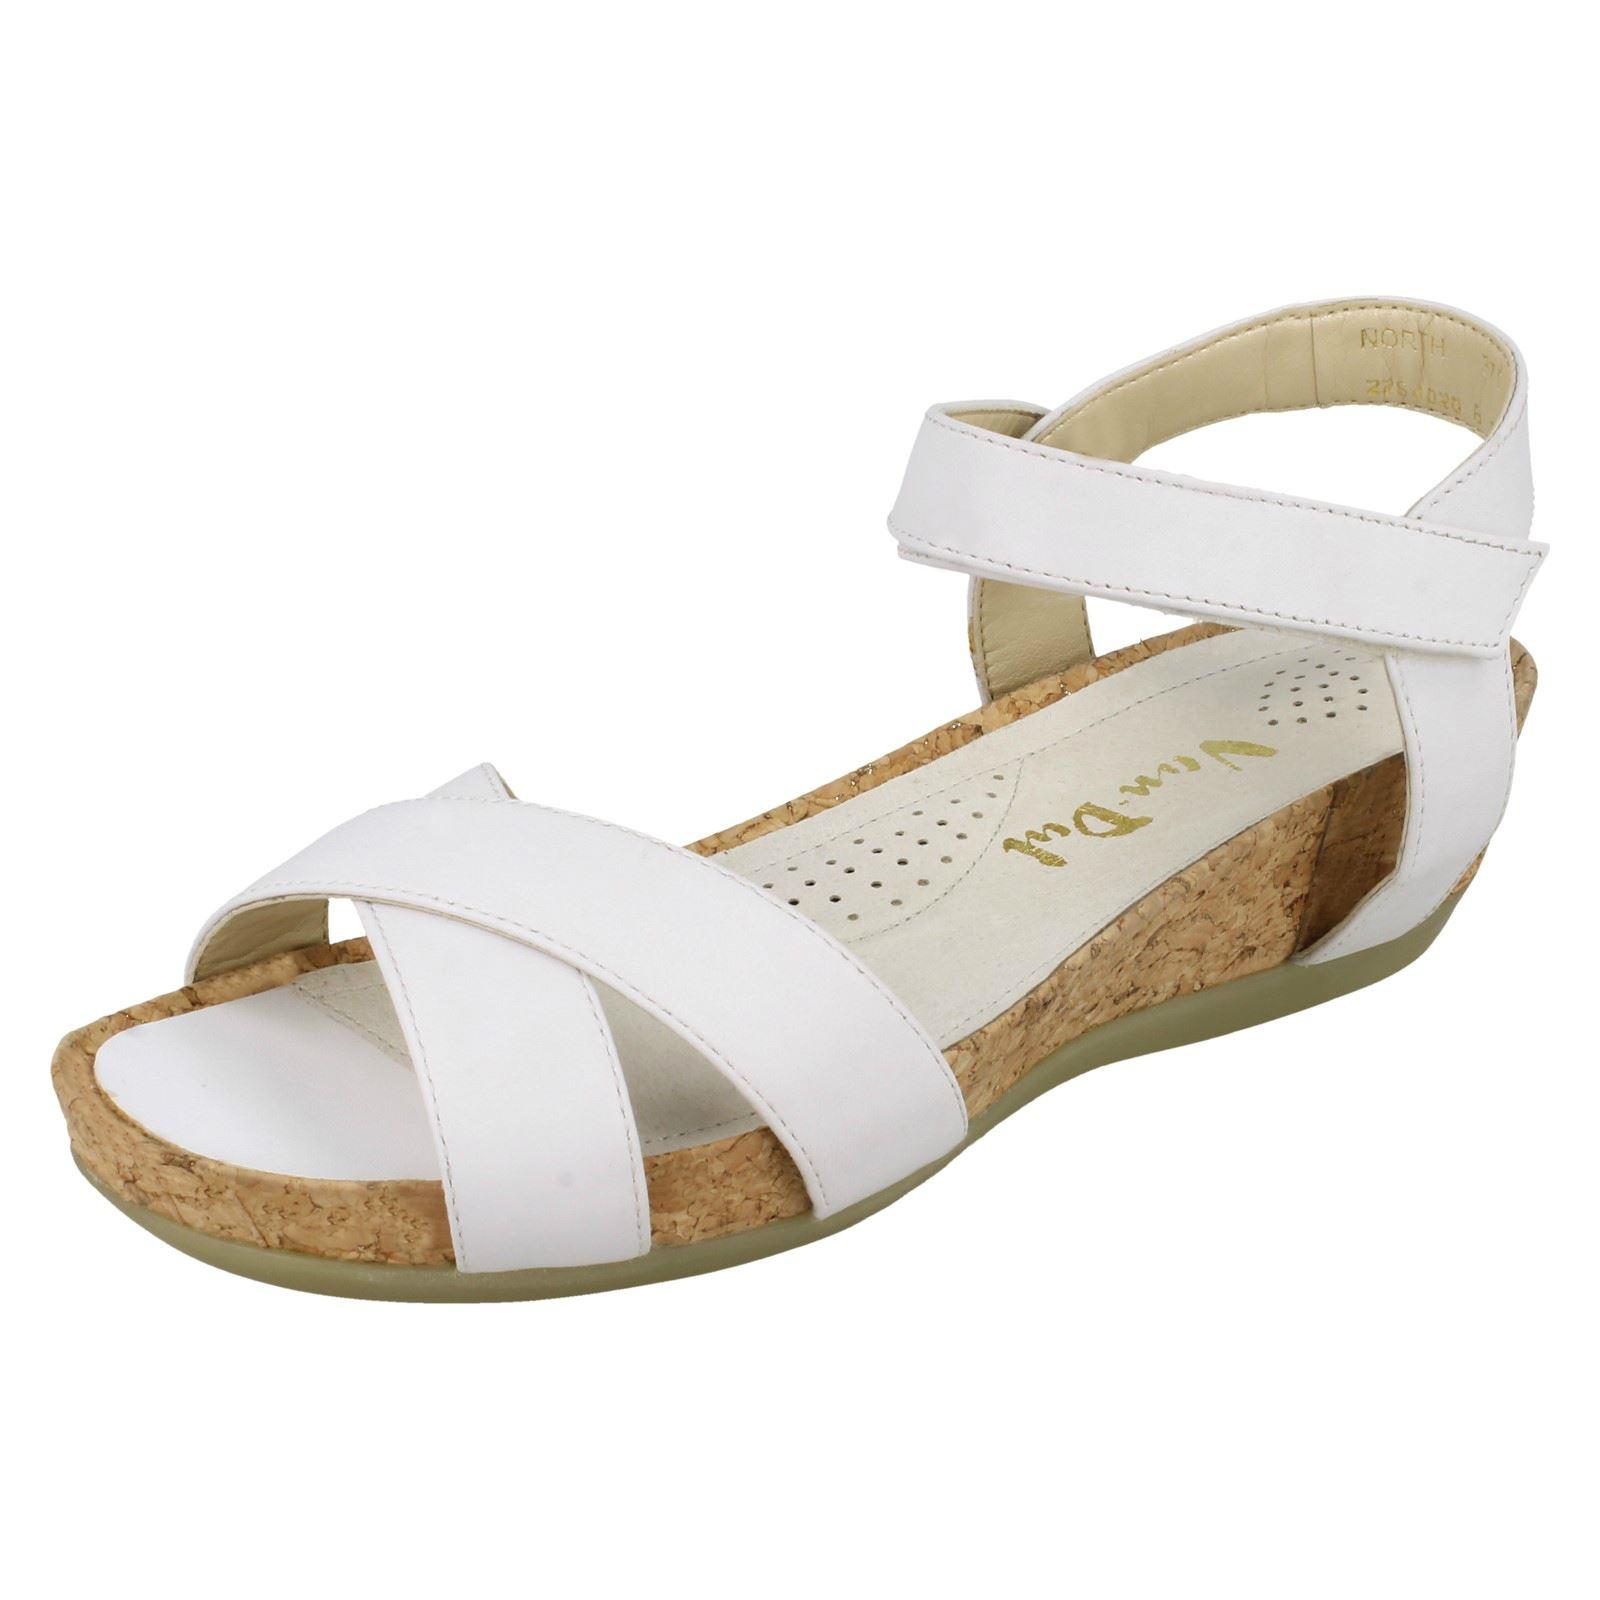 mesdames van dal dal dal cork wedge sandales nord | Outlet Store  af7828